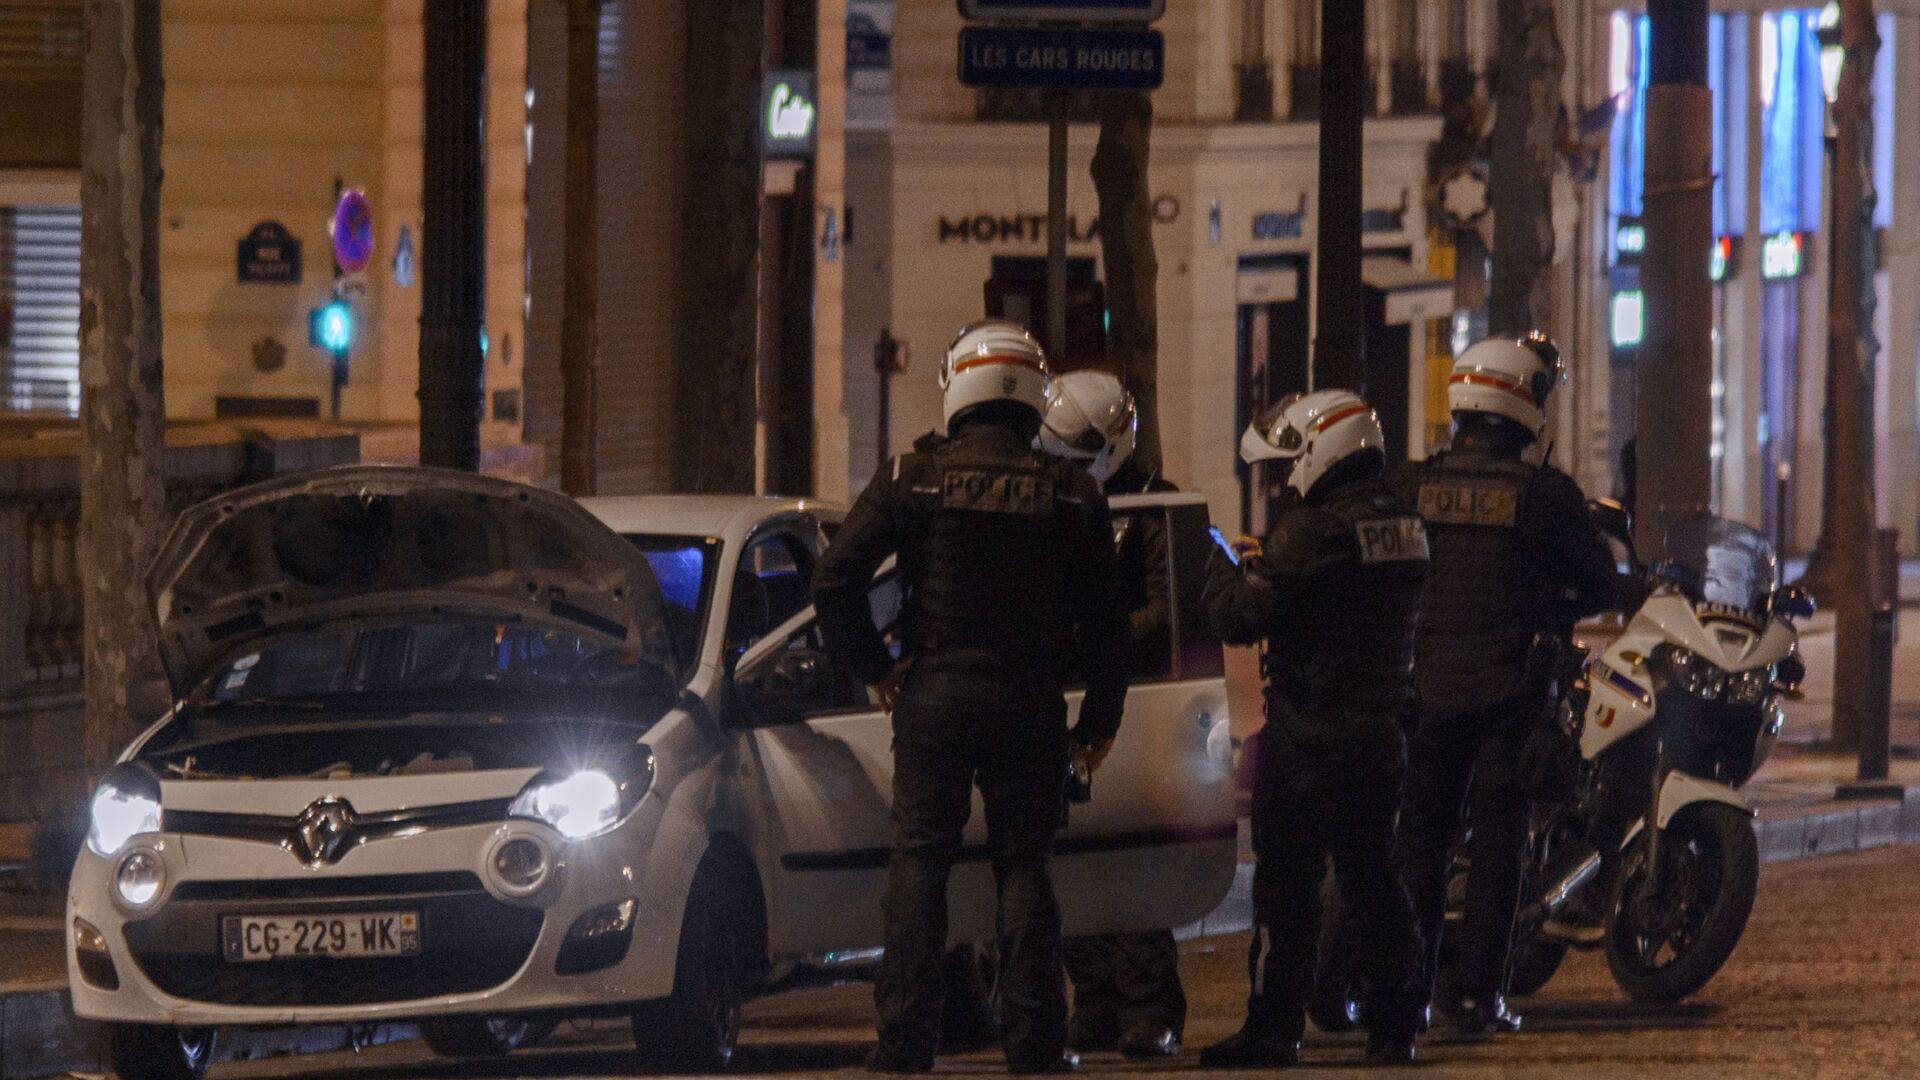 Полицейские досматривают автомобиль во время комендантского часа в Париже - Sputnik Грузия, 1920, 08.06.2021